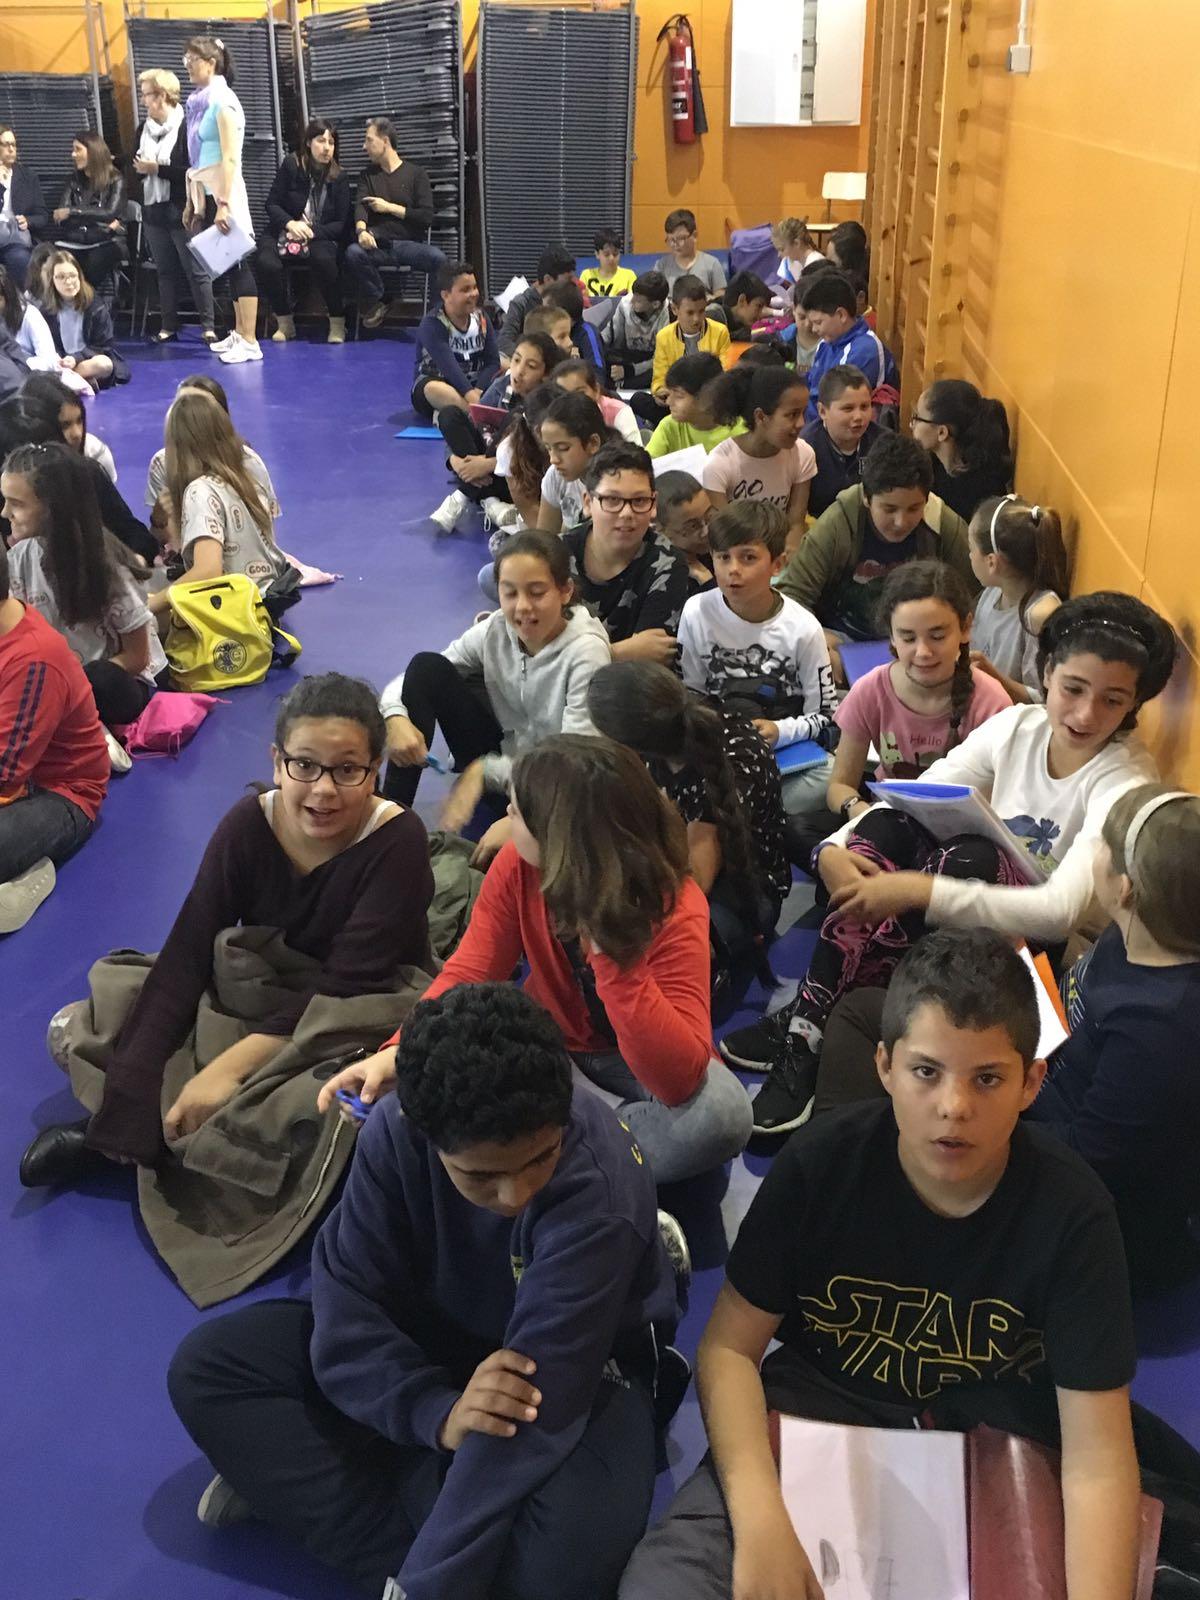 Escola sant bernat calb reus fem coral - Pavello olimpic reus ...